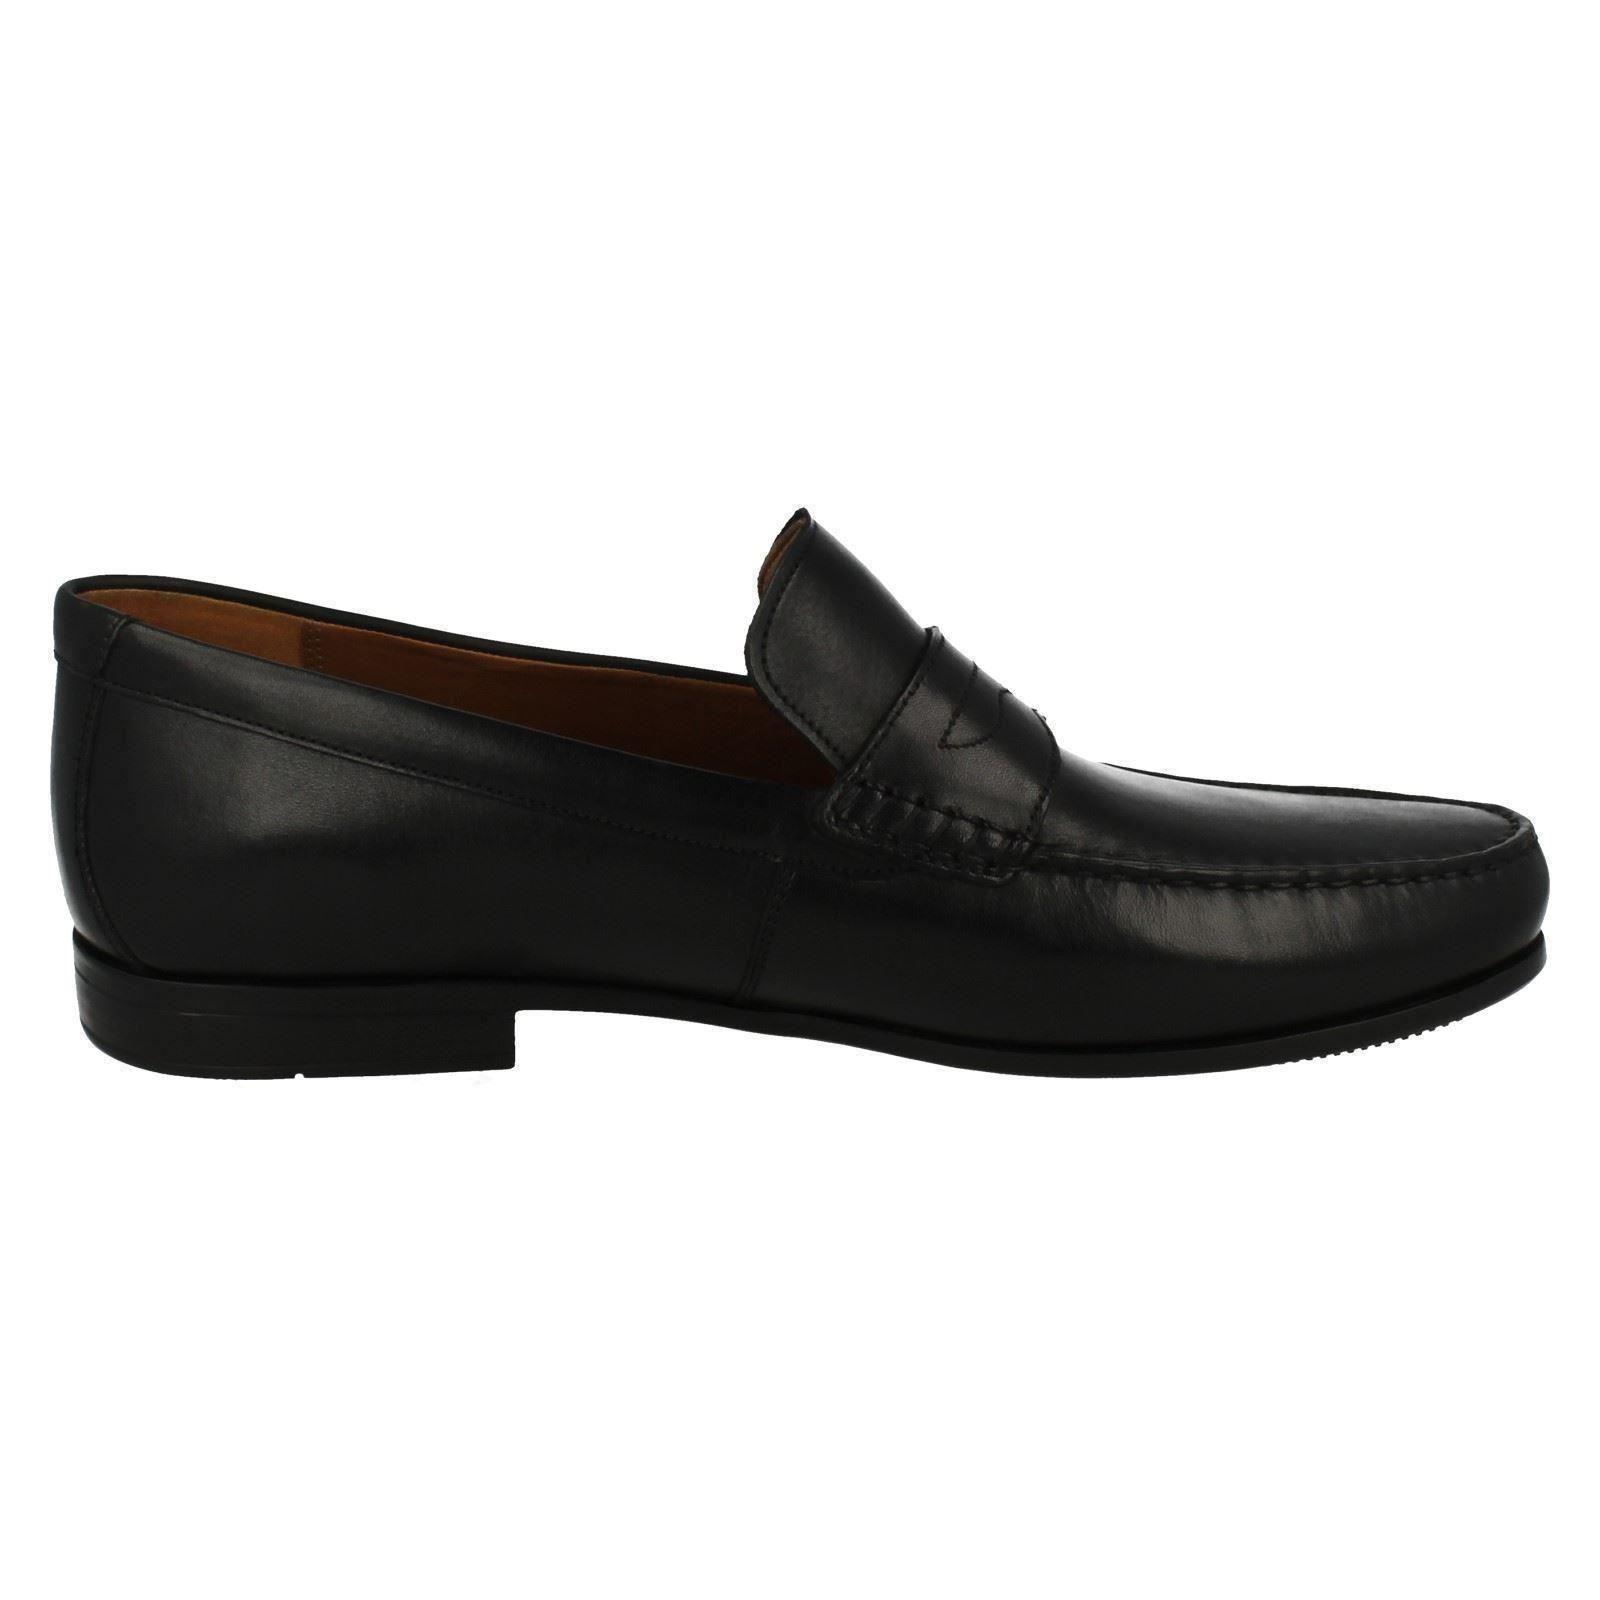 Da Uomo Formali Clarks Formali Uomo Mocassini Scarpe in pelle stile da MOCASSINO CLAUDE Lane b48991